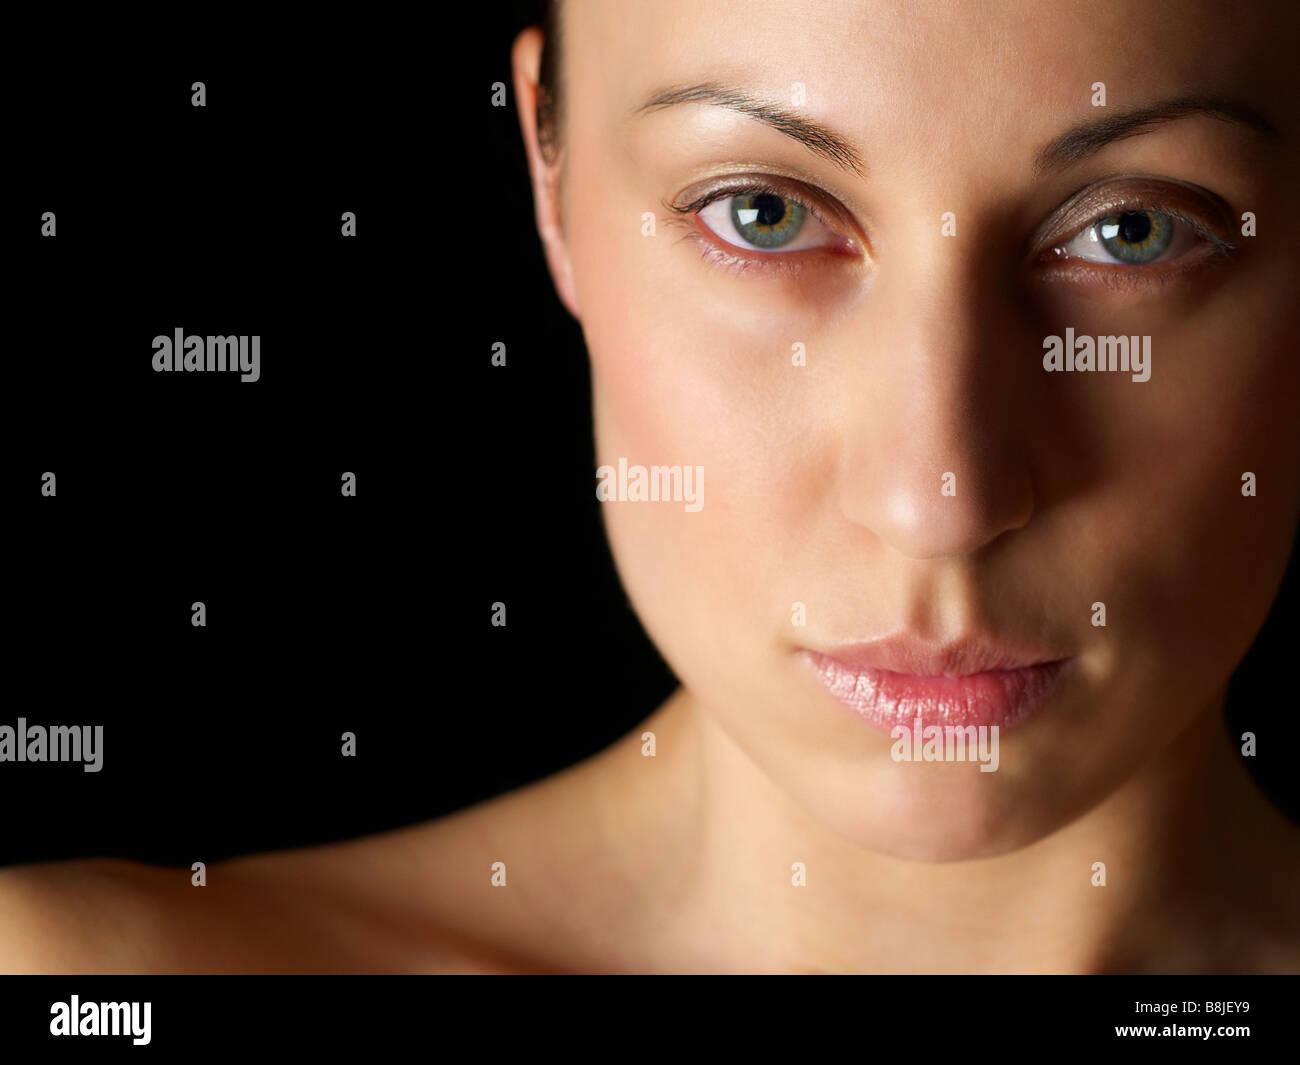 Weibliches Model Kopf geschossen Stockbild